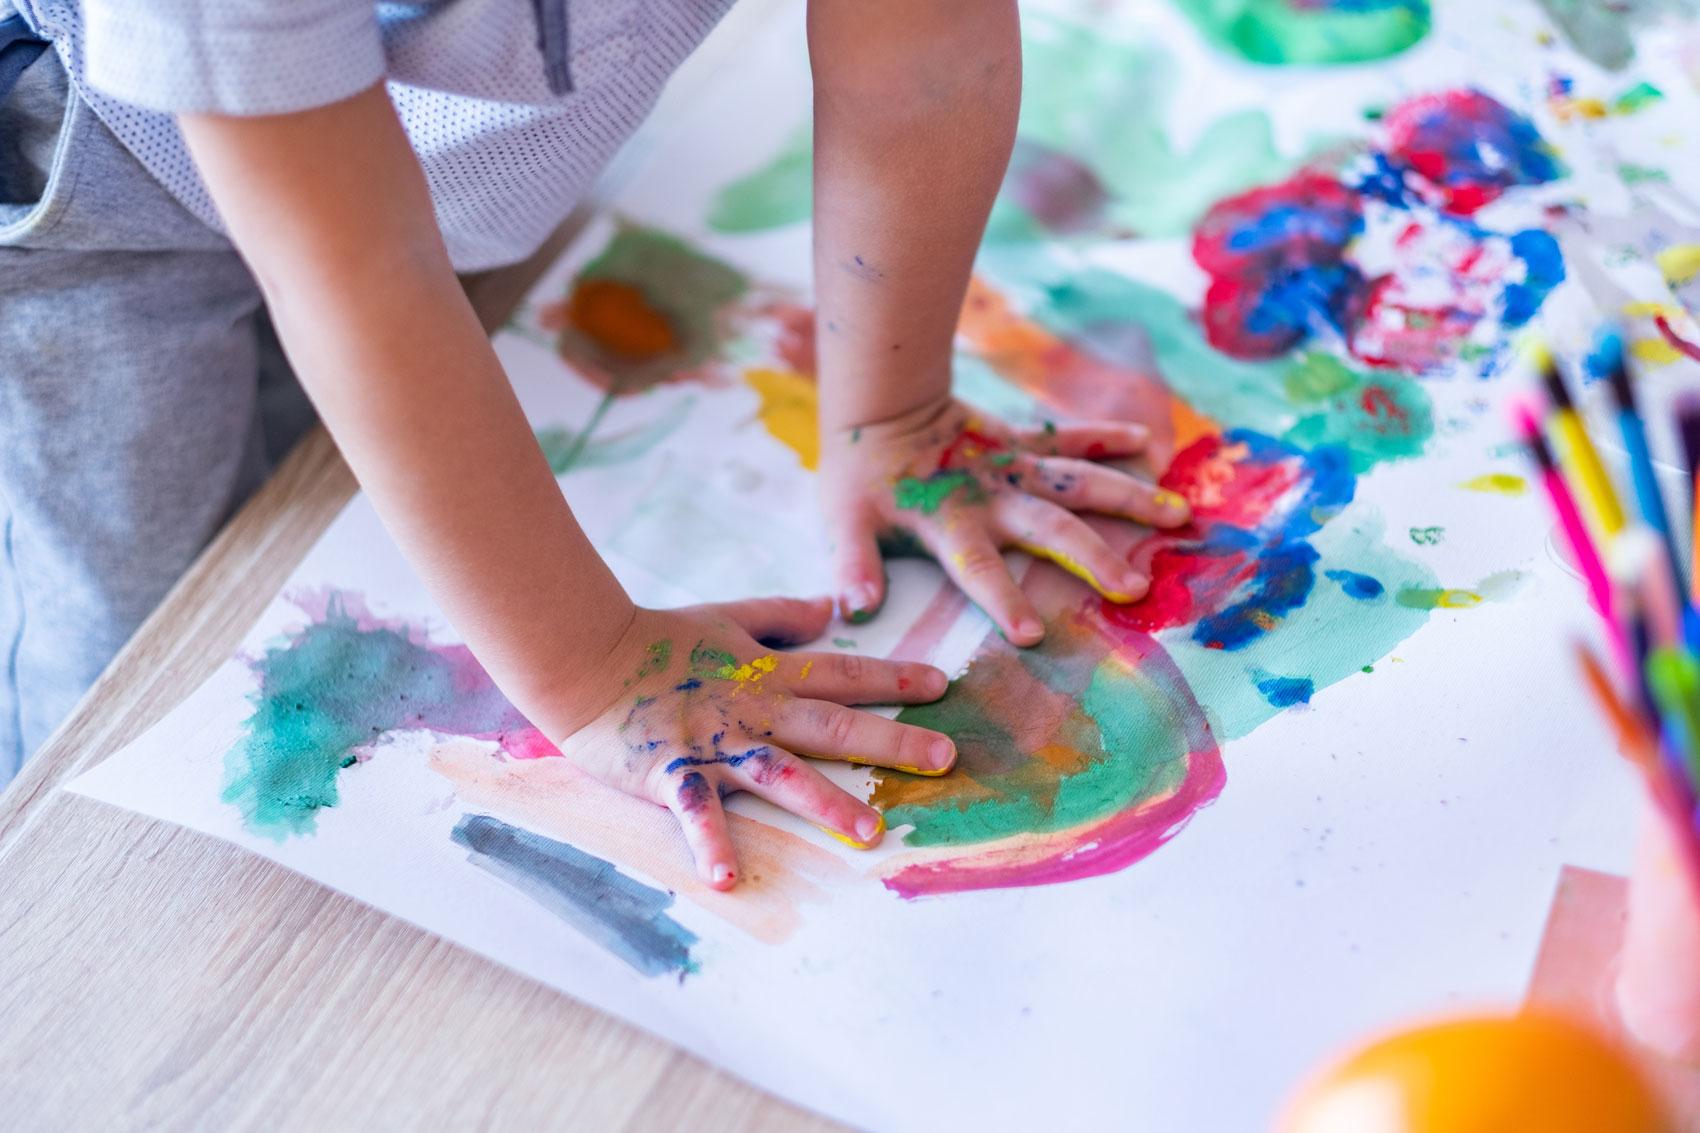 Ein Kind malt mit seinen Händen auf deinem Blatt Papier